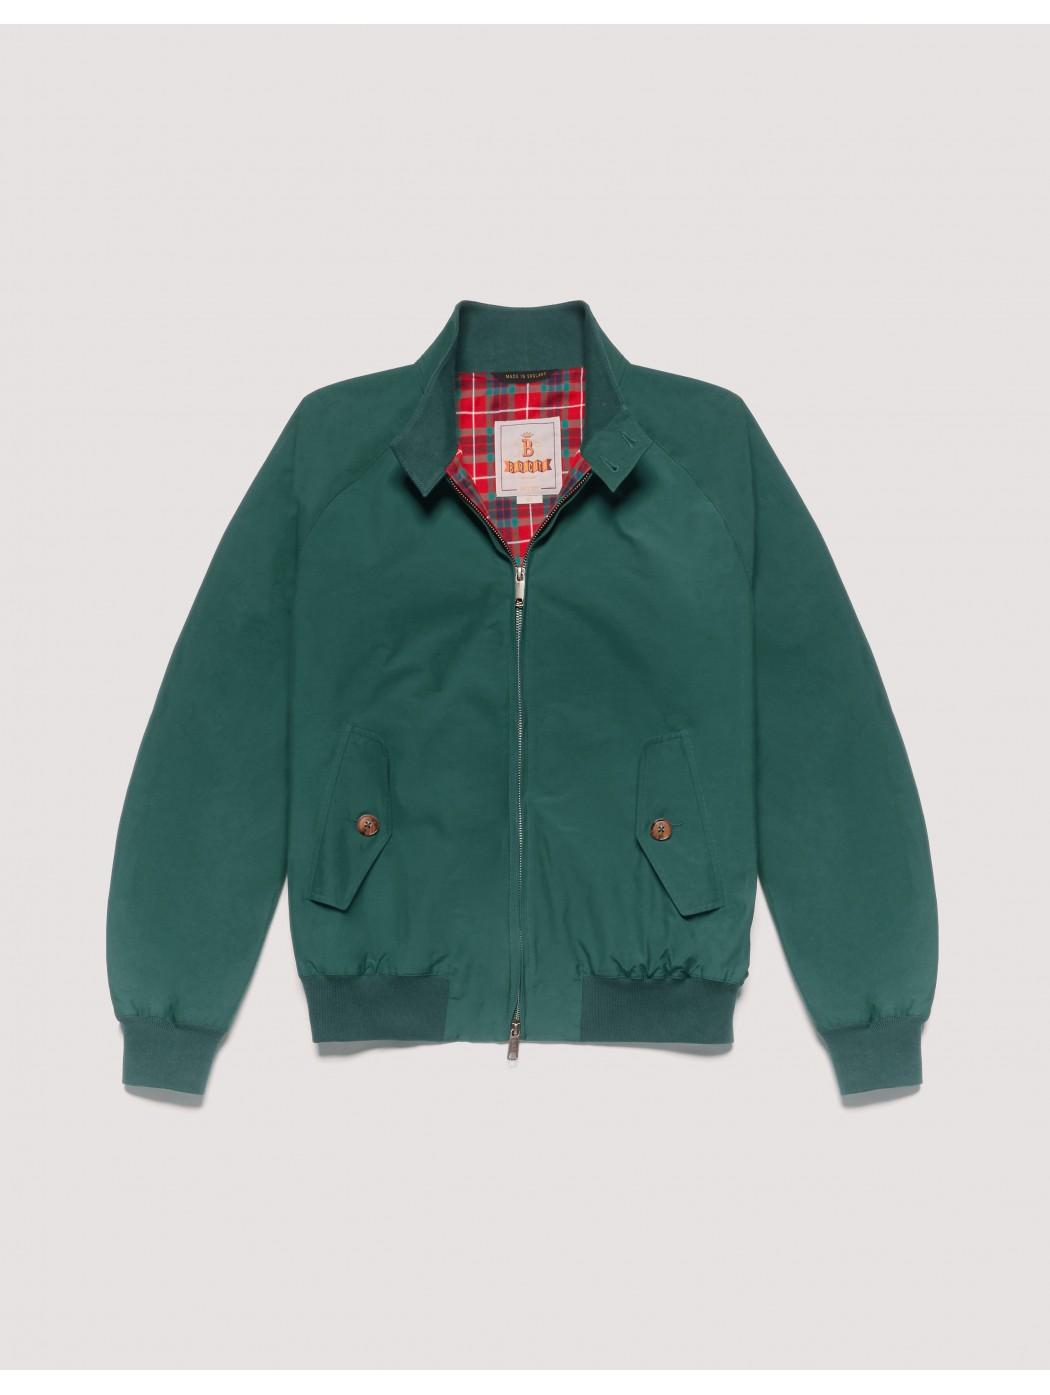 G9 BARACUTA CLOTH  BARACUTA